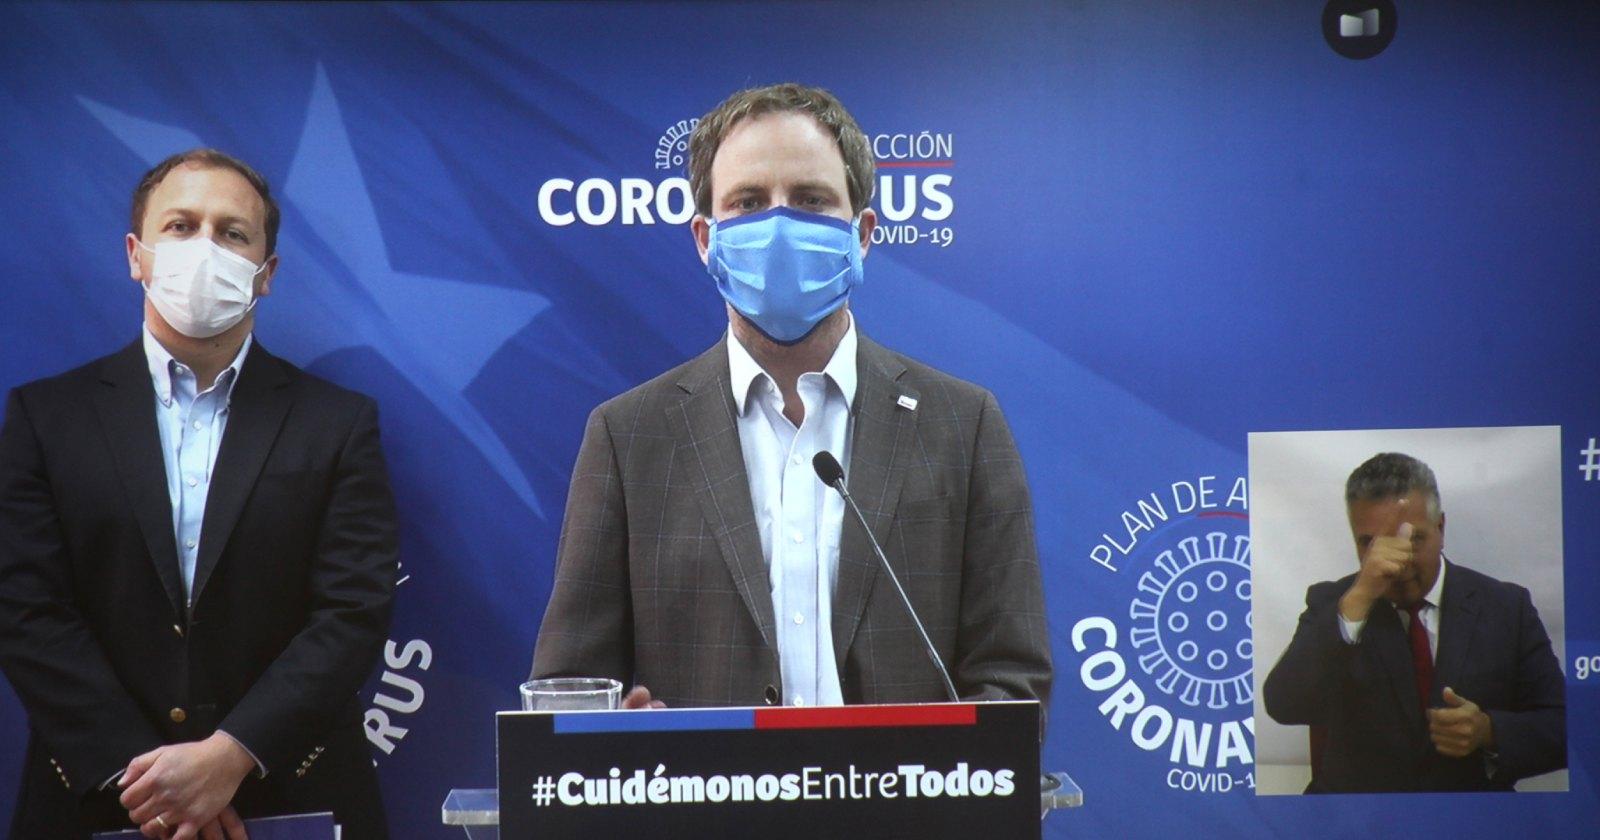 Yo sirvo a mi país en la emergencia: la iniciativa que busca sumar profesionales de la salud a contención delcoronavirus